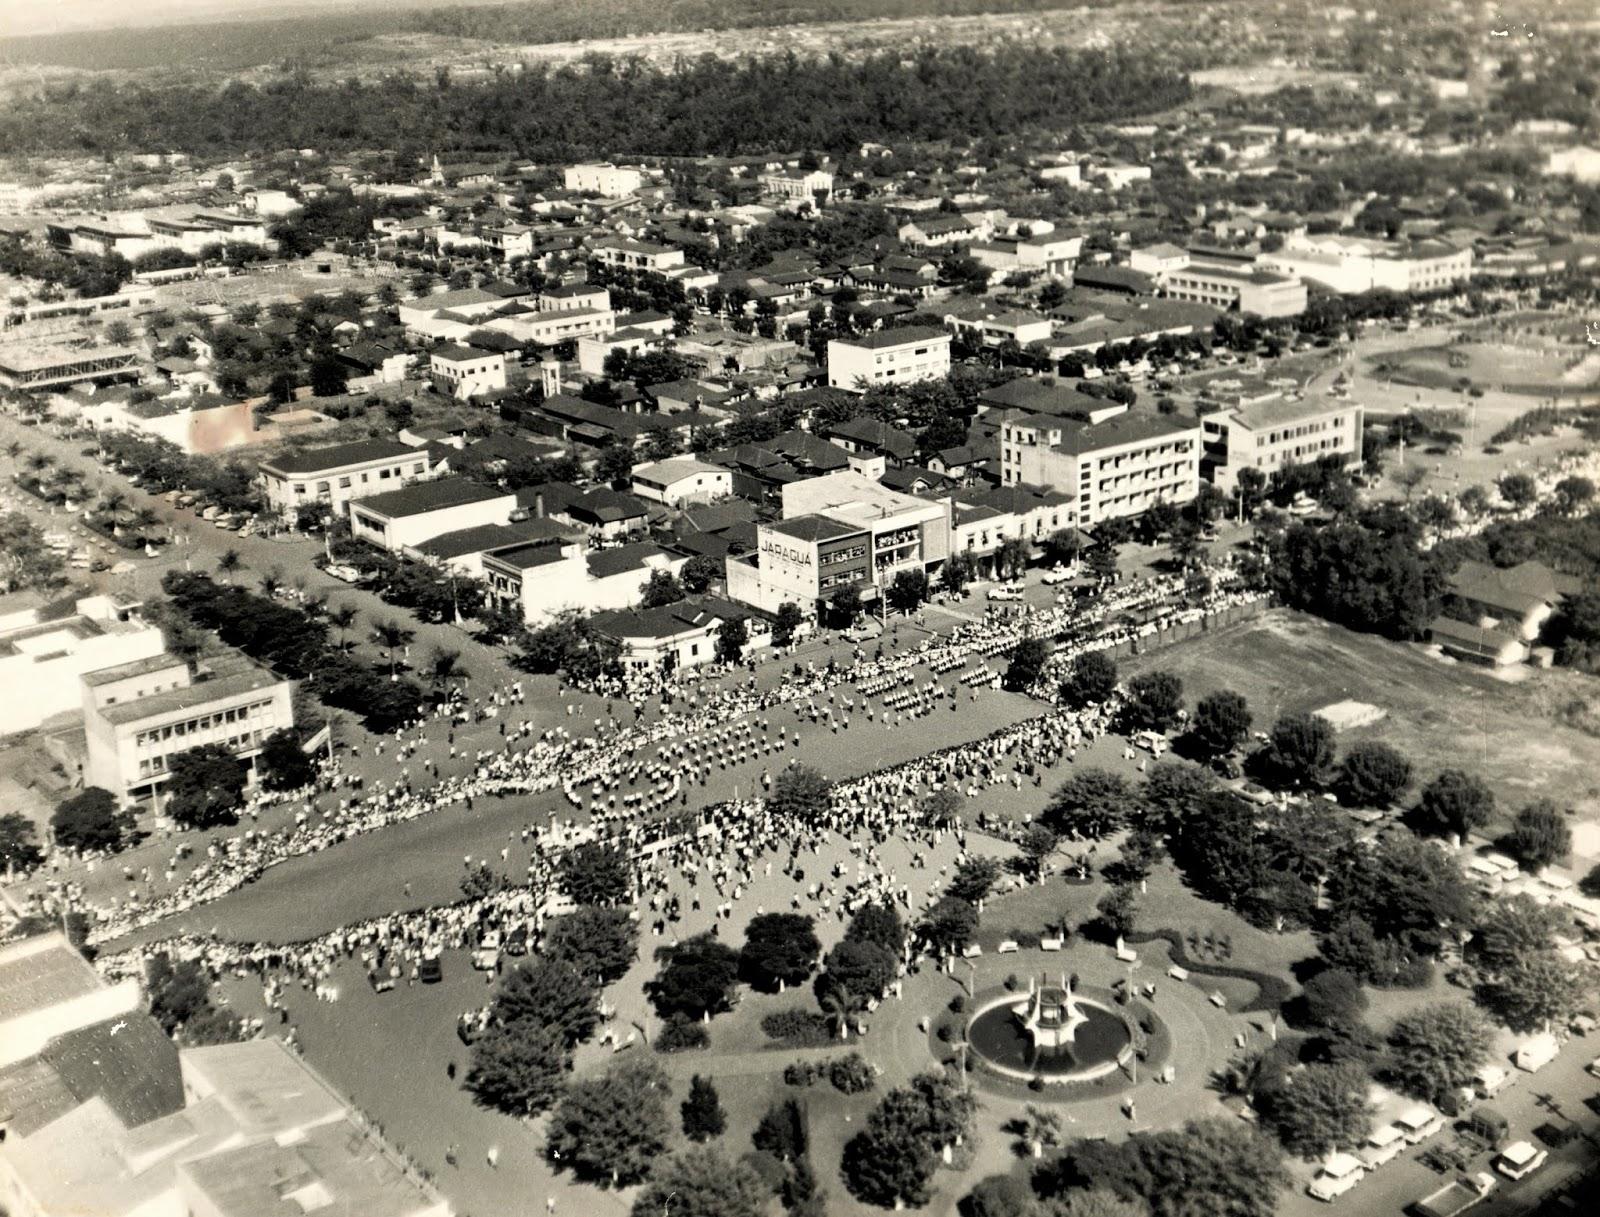 Aniversário de Maringá - Década de 1960